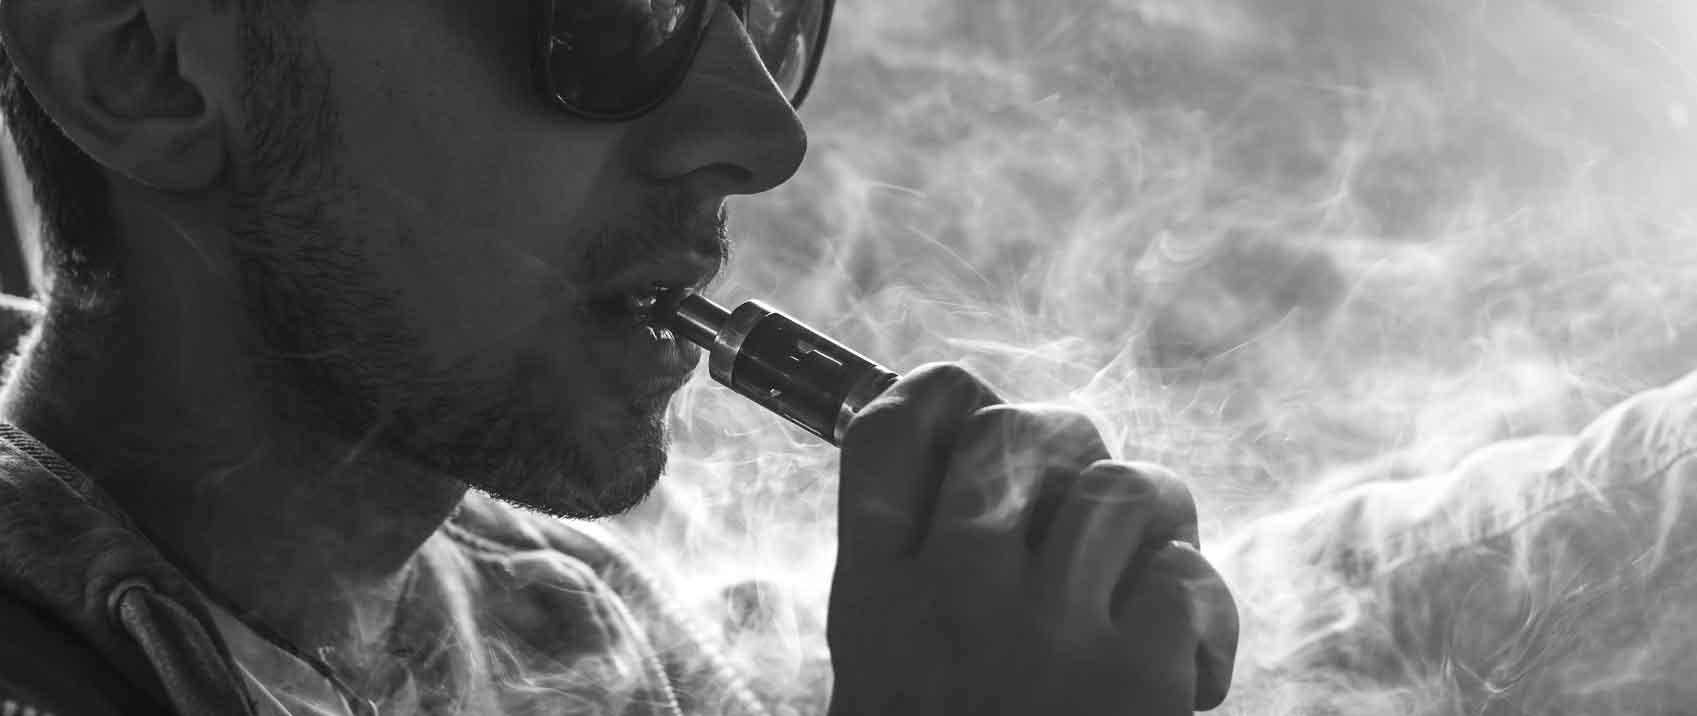 Sigaretta elettronica : cos'è, a cosa serve, come usarla al meglio?